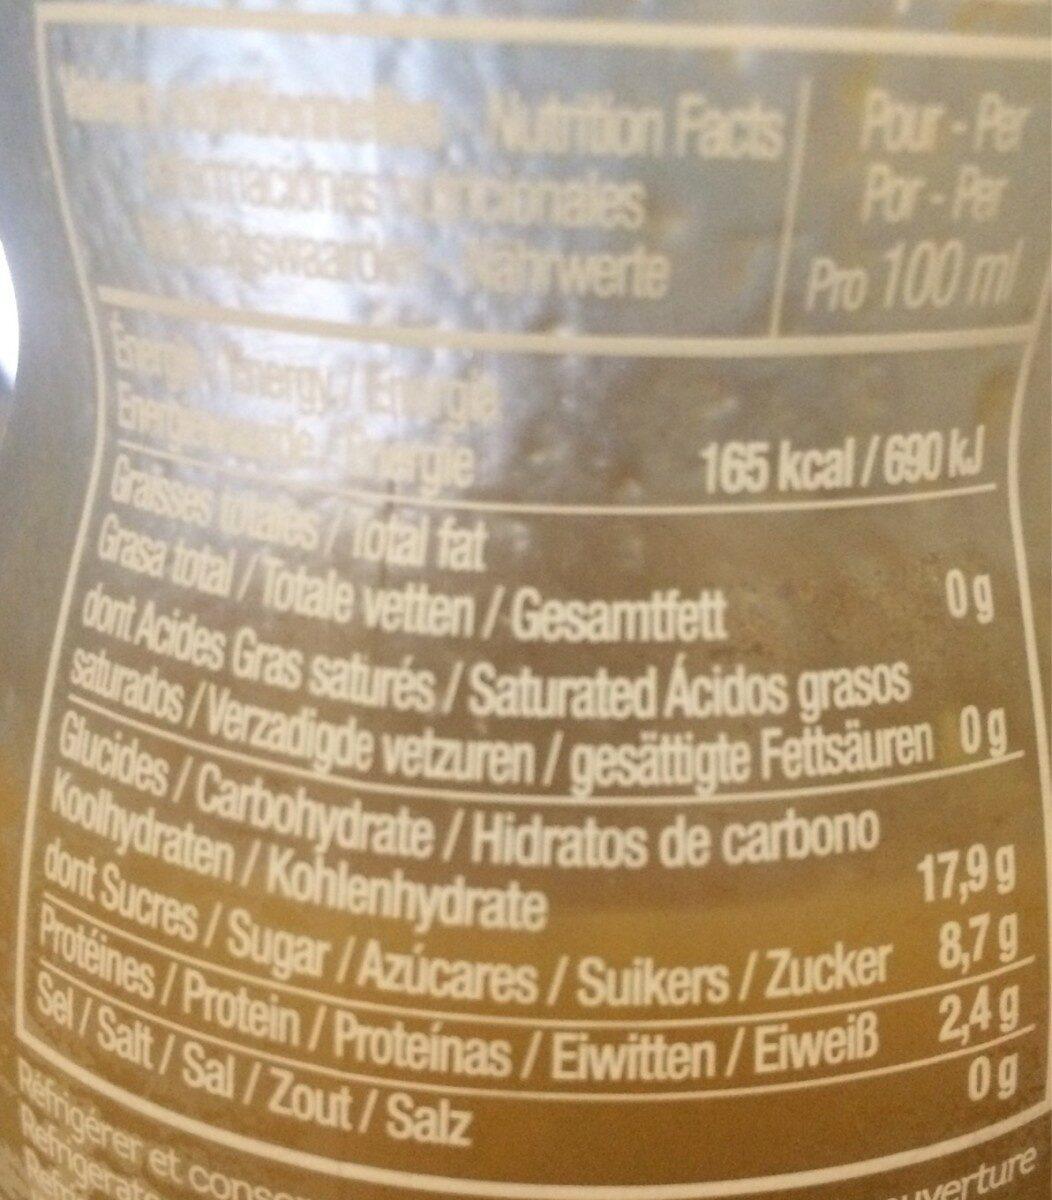 Coco c'est top - Informations nutritionnelles - fr